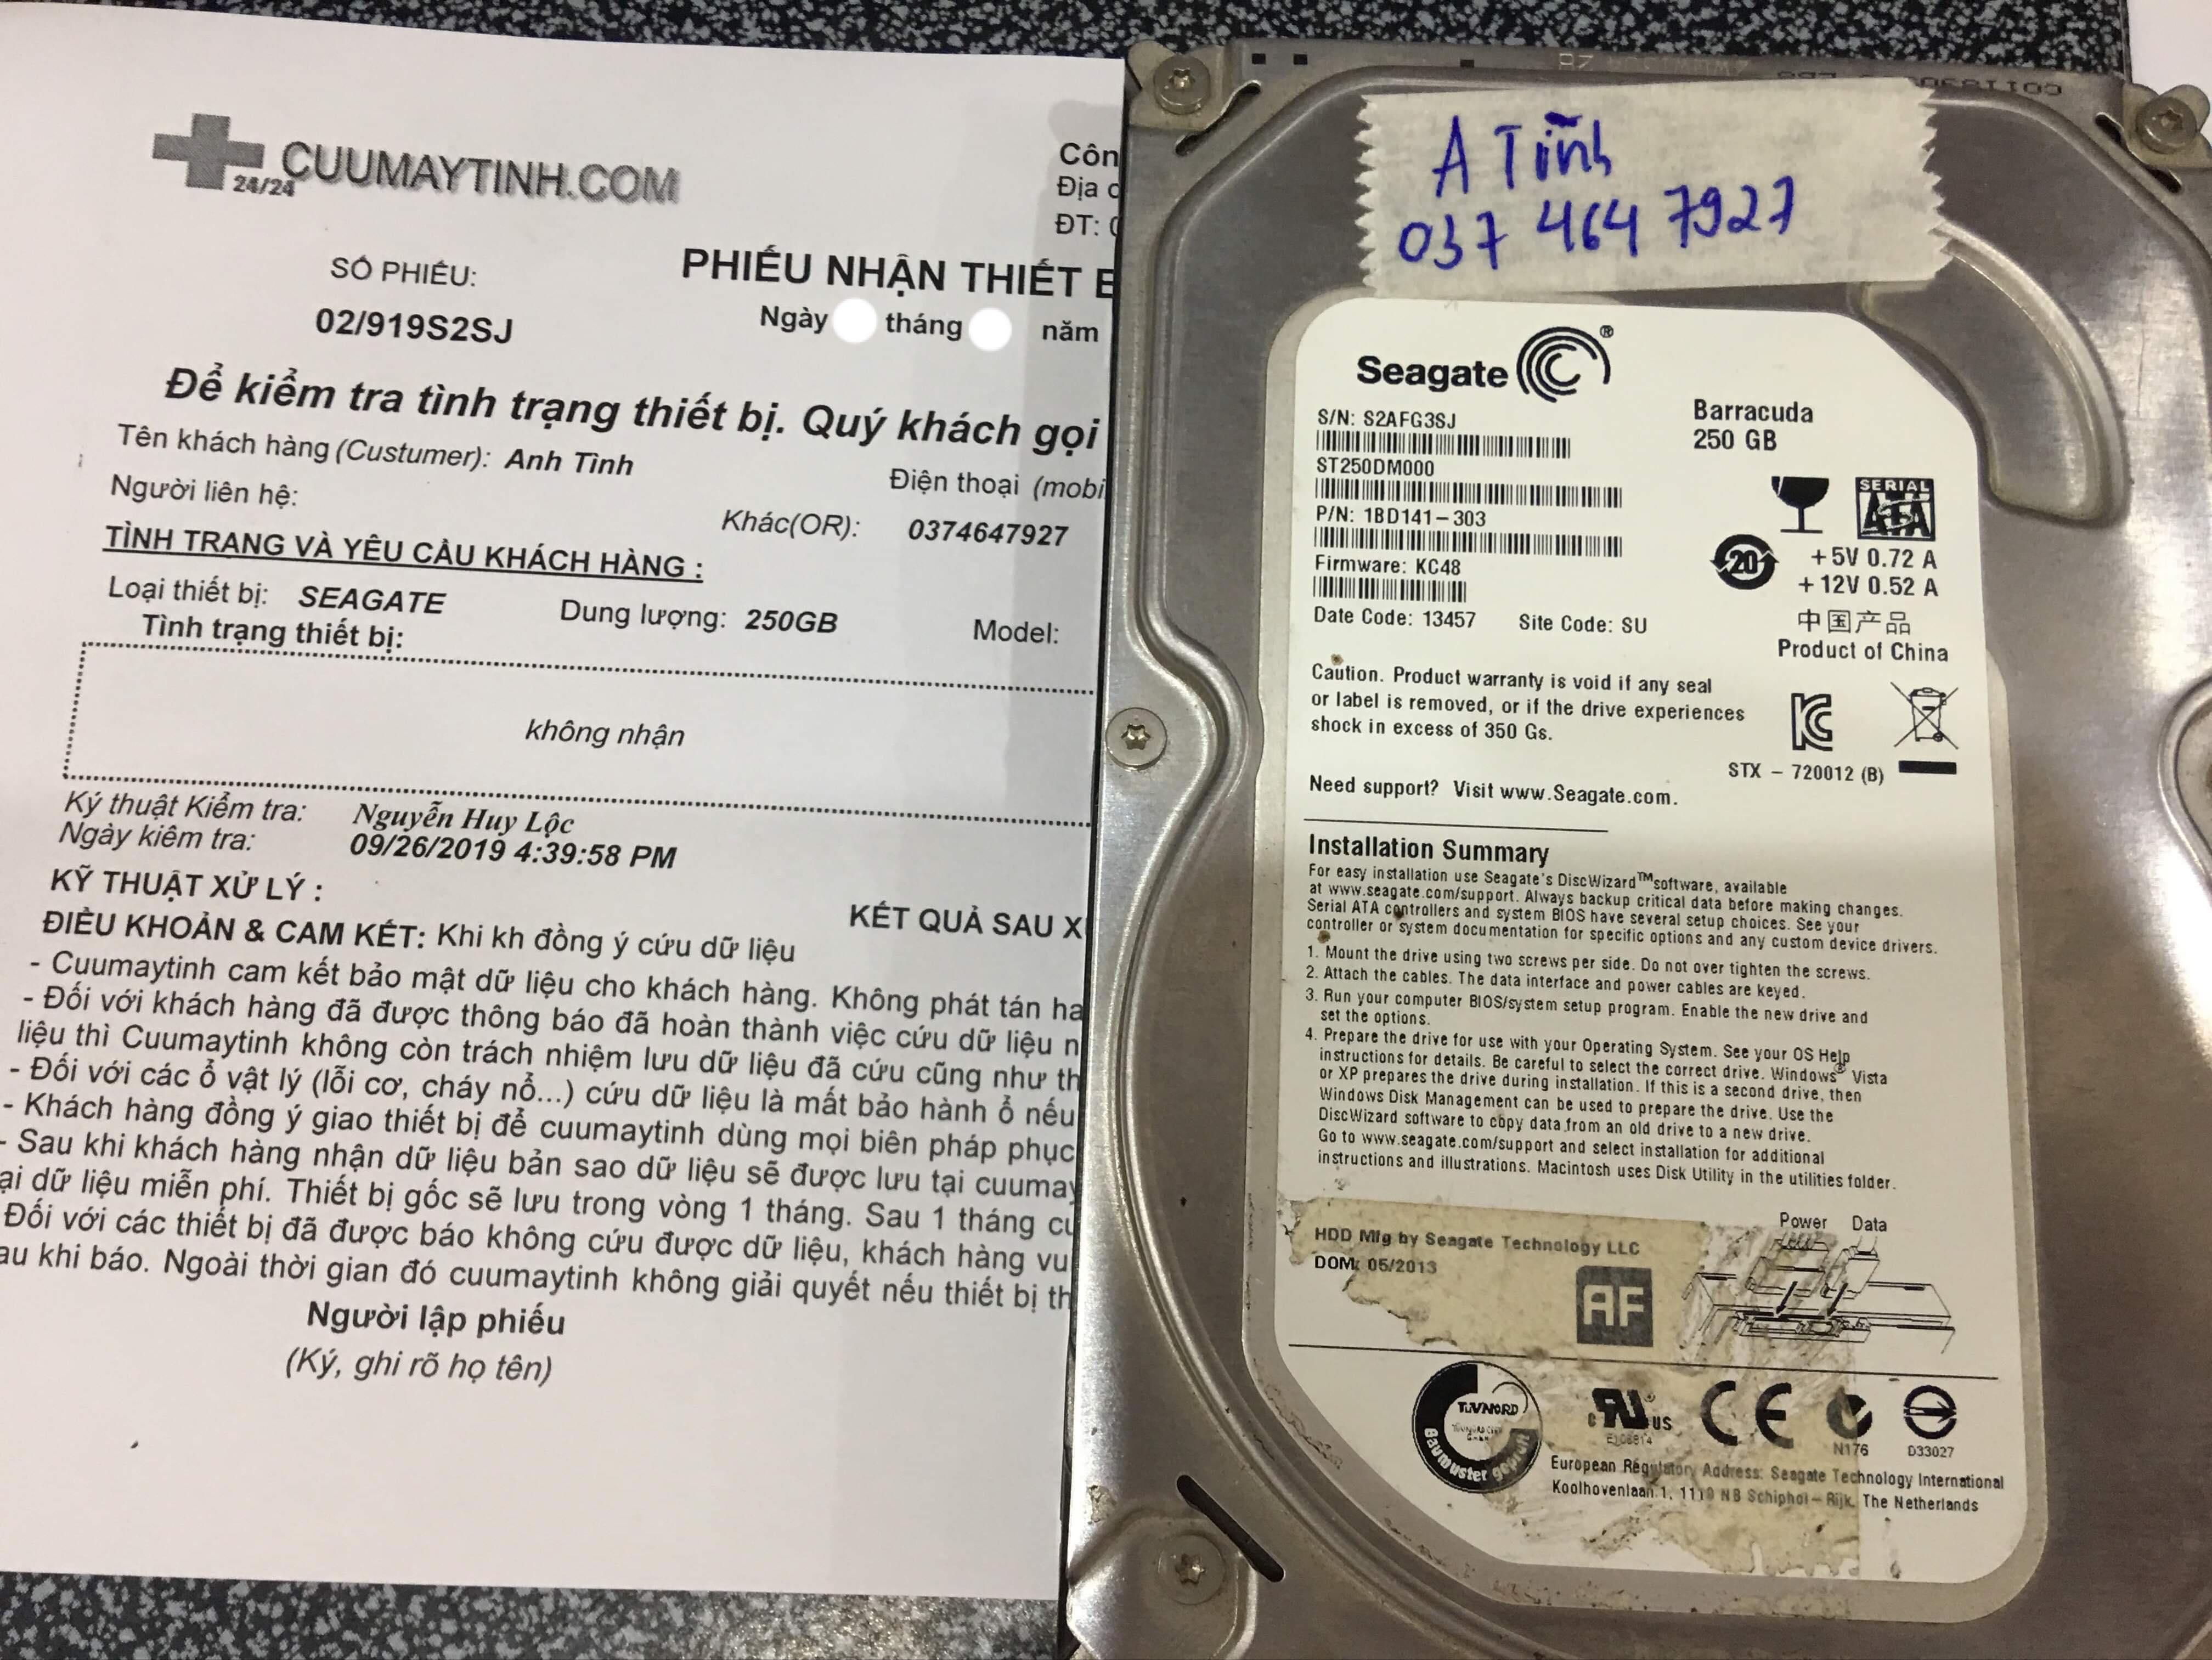 Cứu dữ liệu ổ cứng Seagate 250GB không nhận 04/11/2019 - cuumaytinh